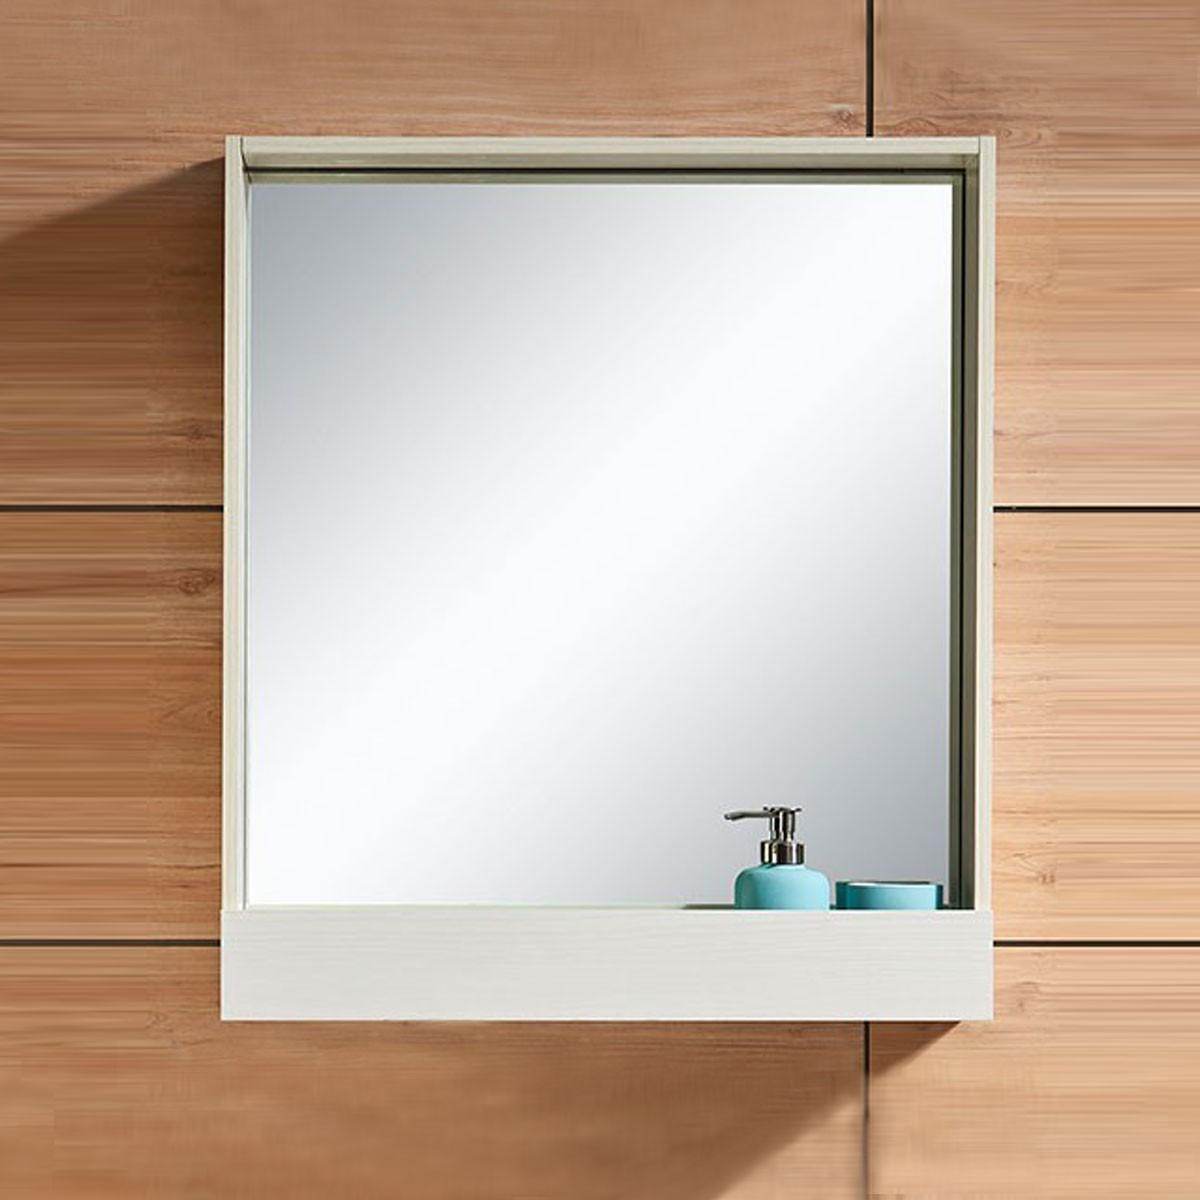 28 x 31 In. Bathroom Vanity Mirror (DK-657800-M)